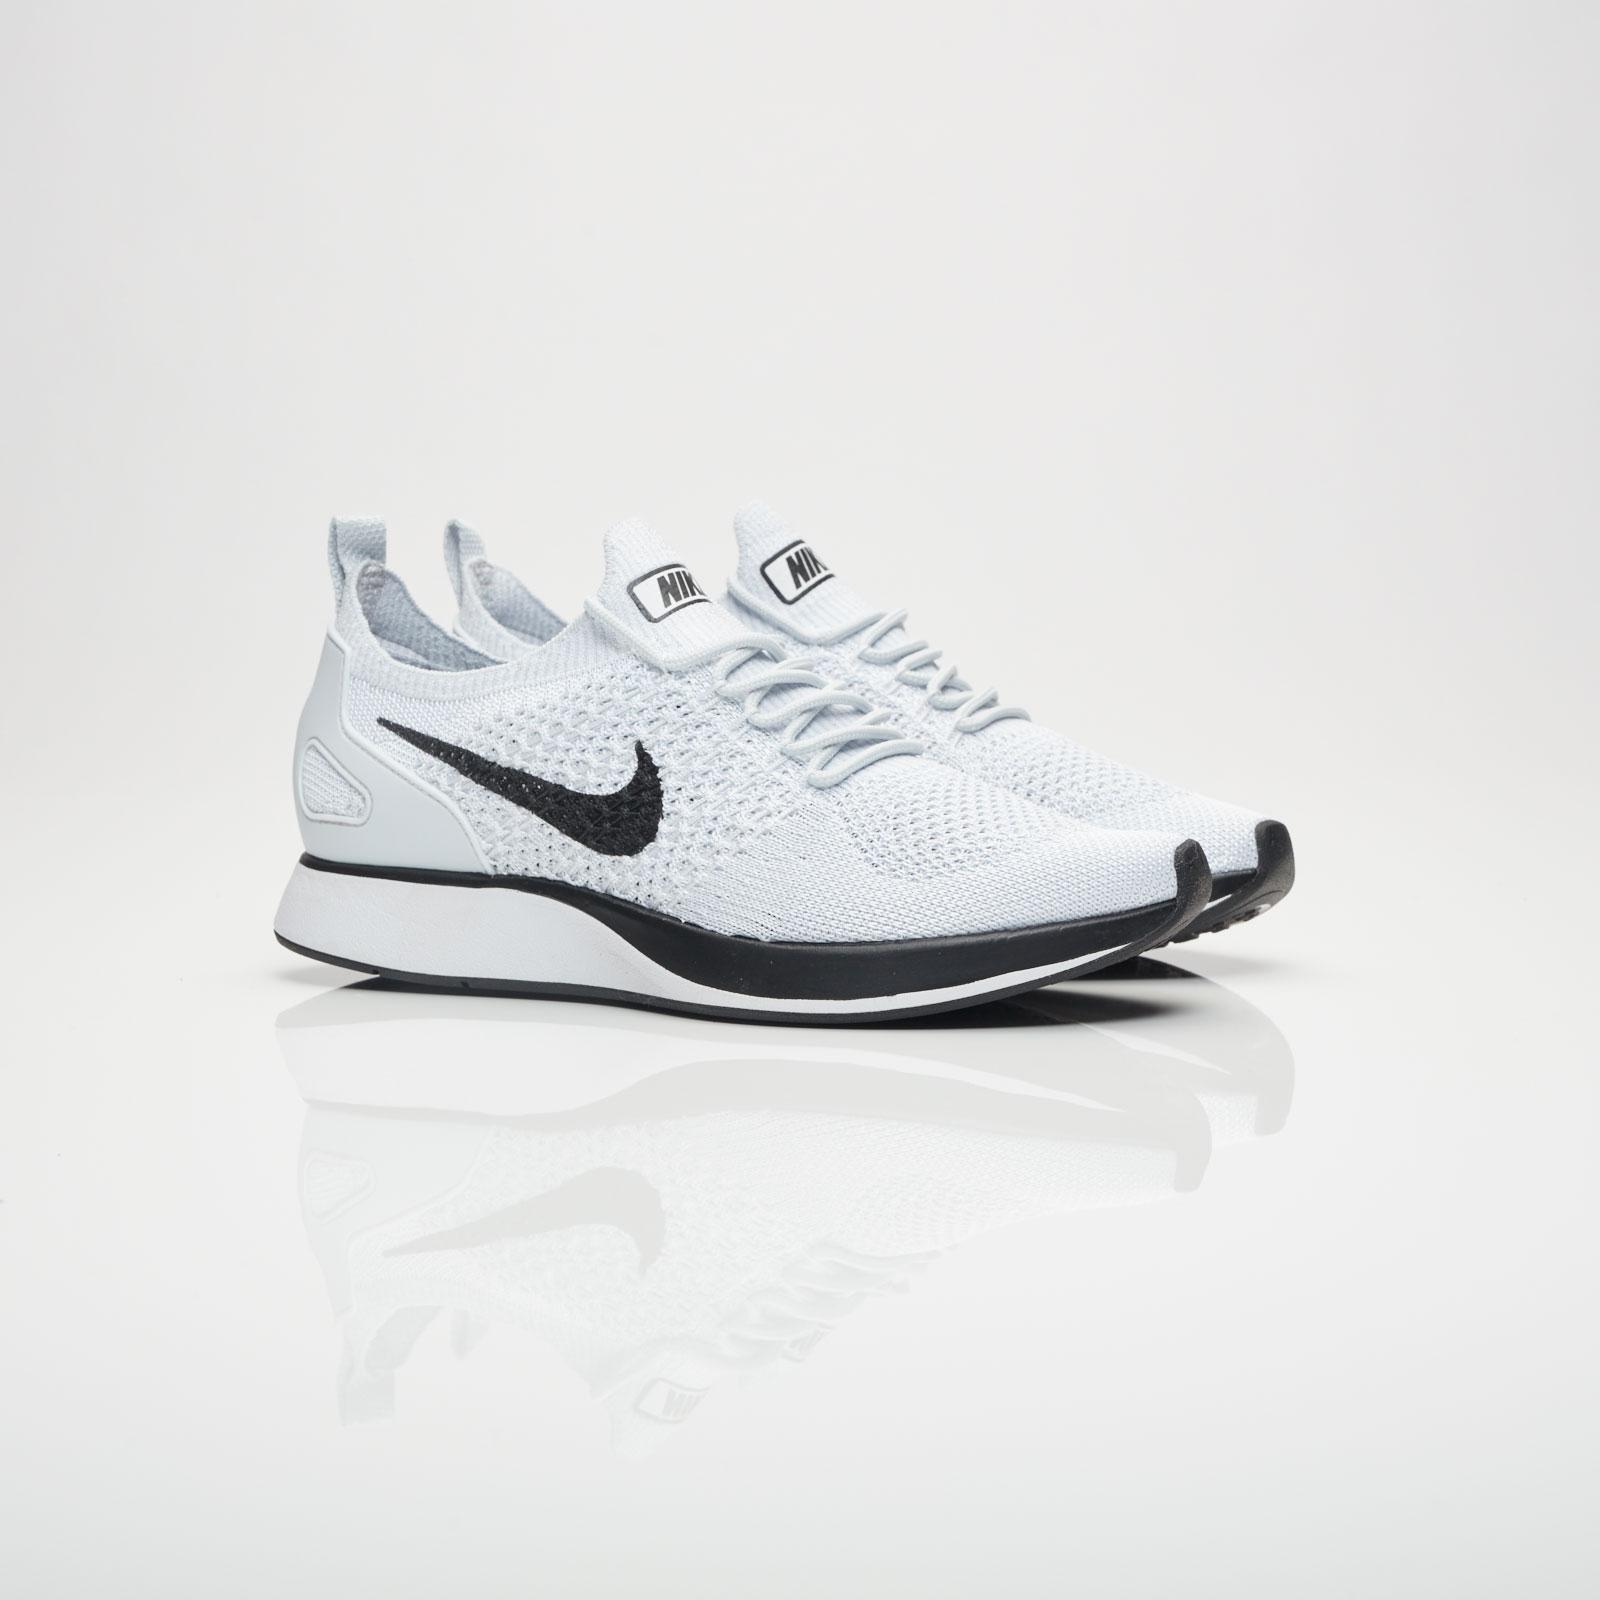 c0e901794e65 Nike Wmns Air Zoom Mariah Flyknit Racer Premium - 917658-001 ...